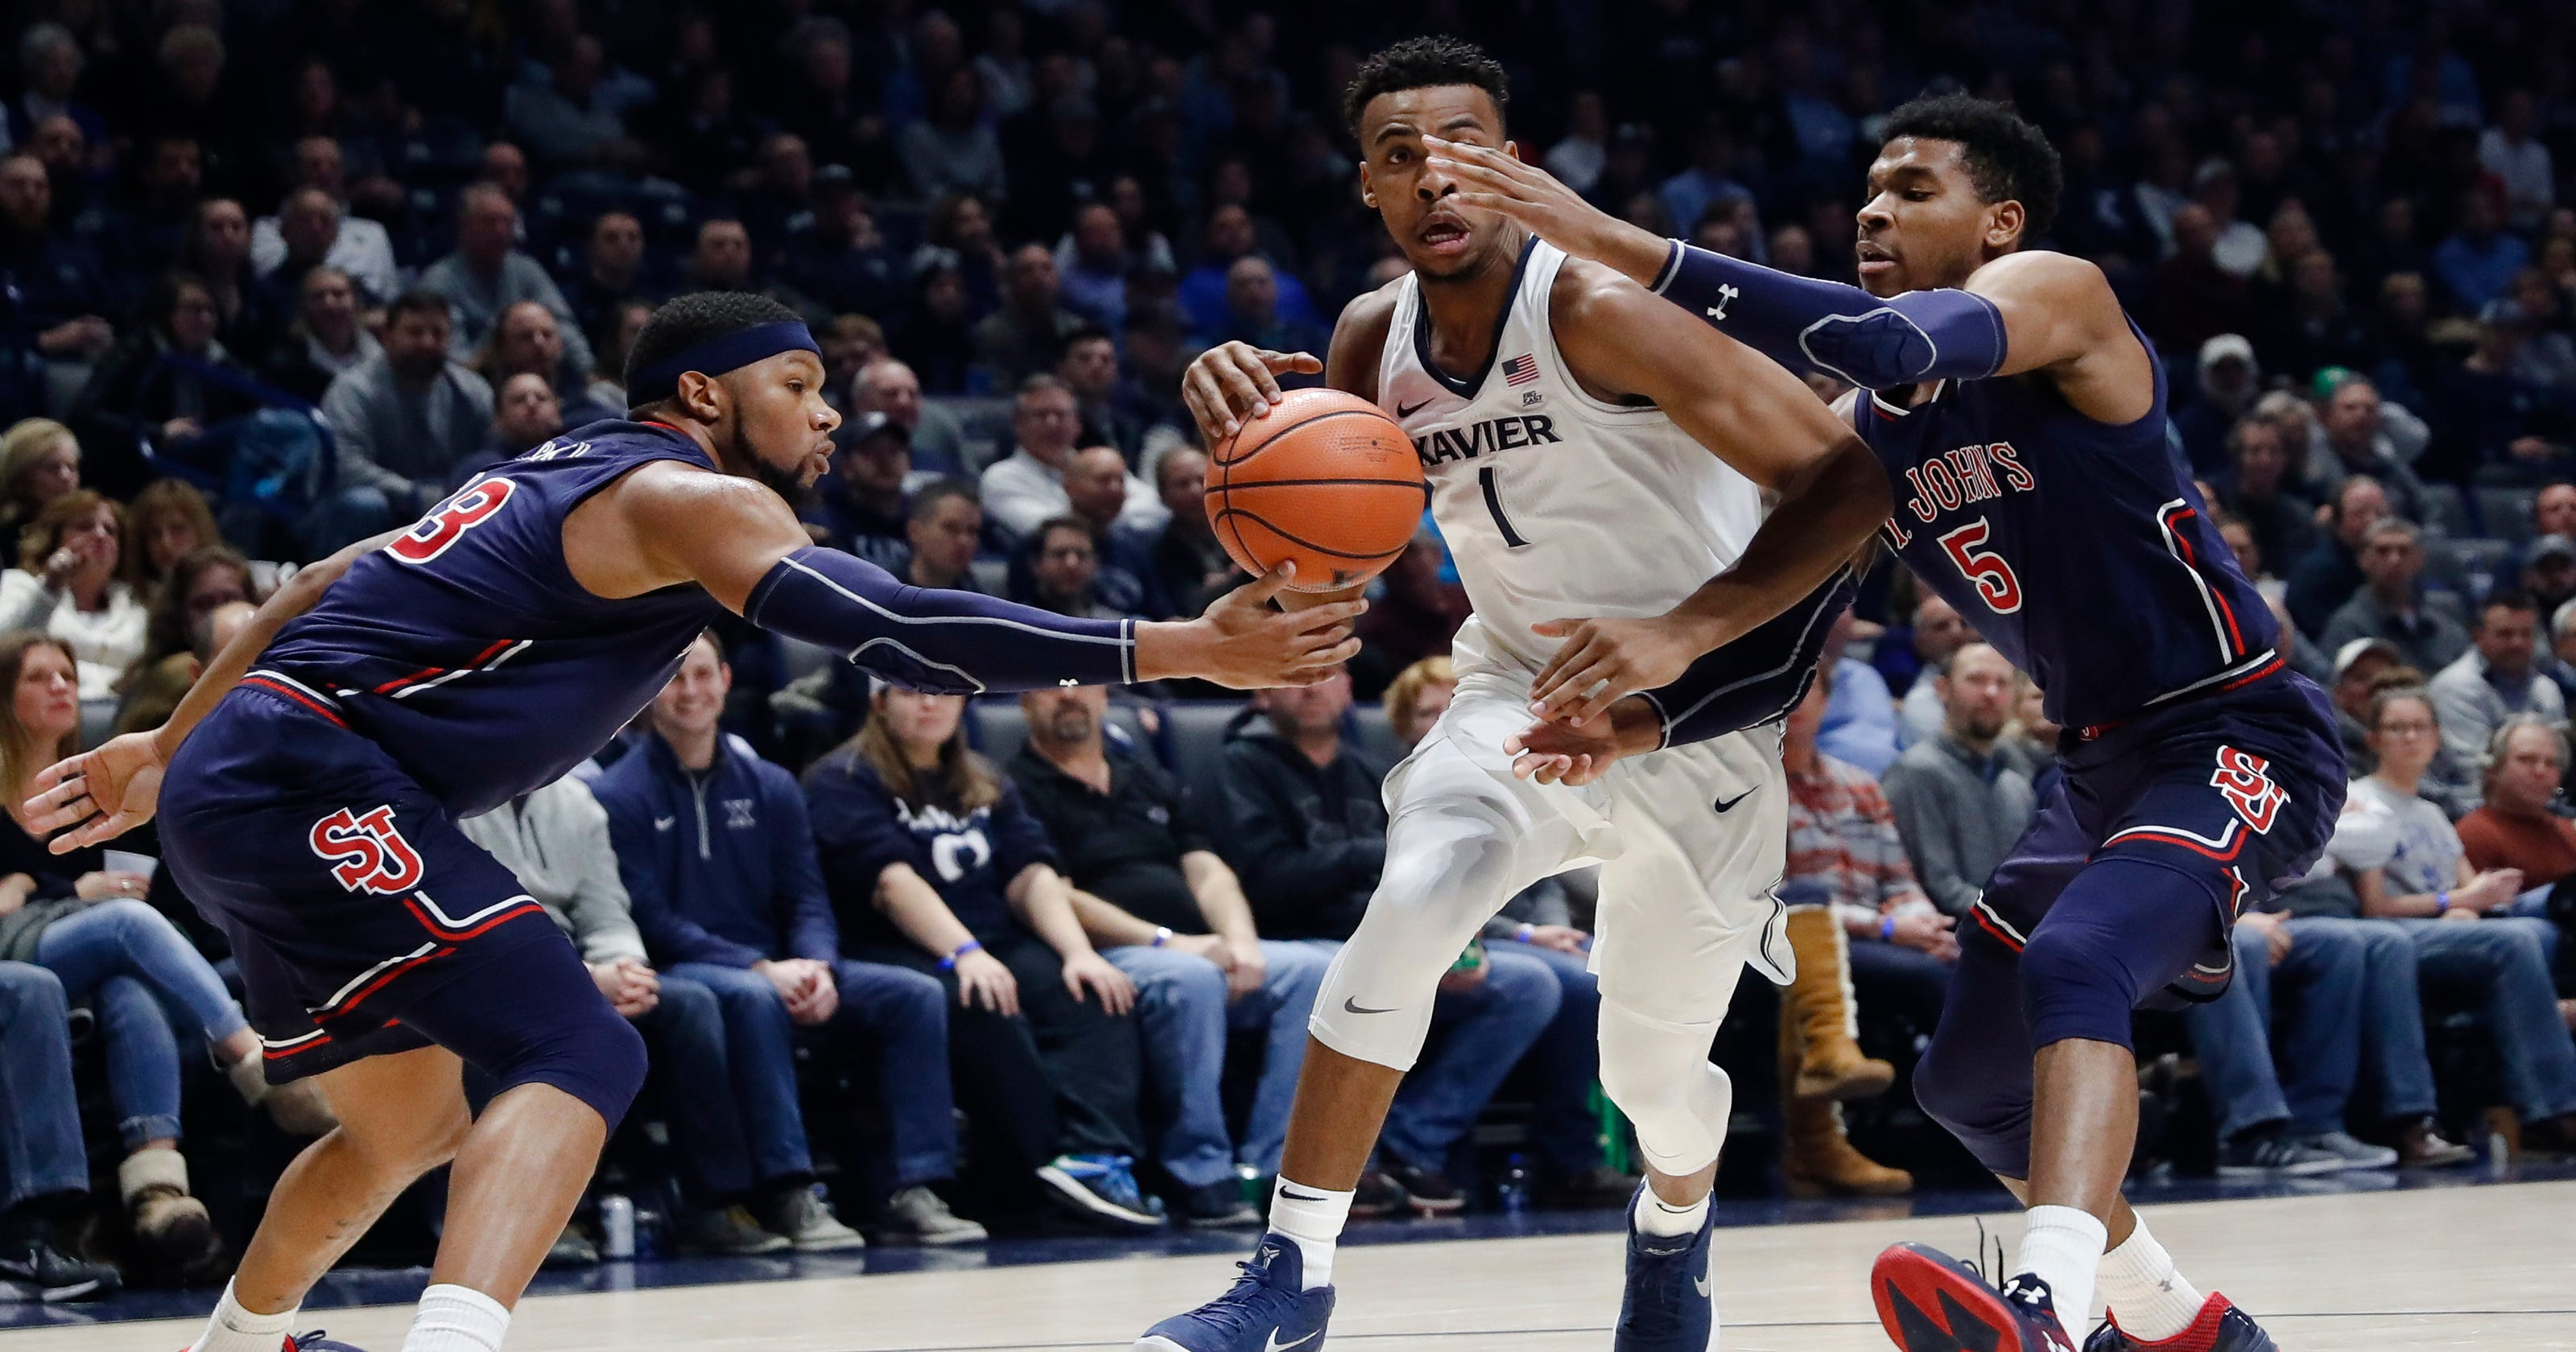 Streaking Xavier University men's basketball readies for ...